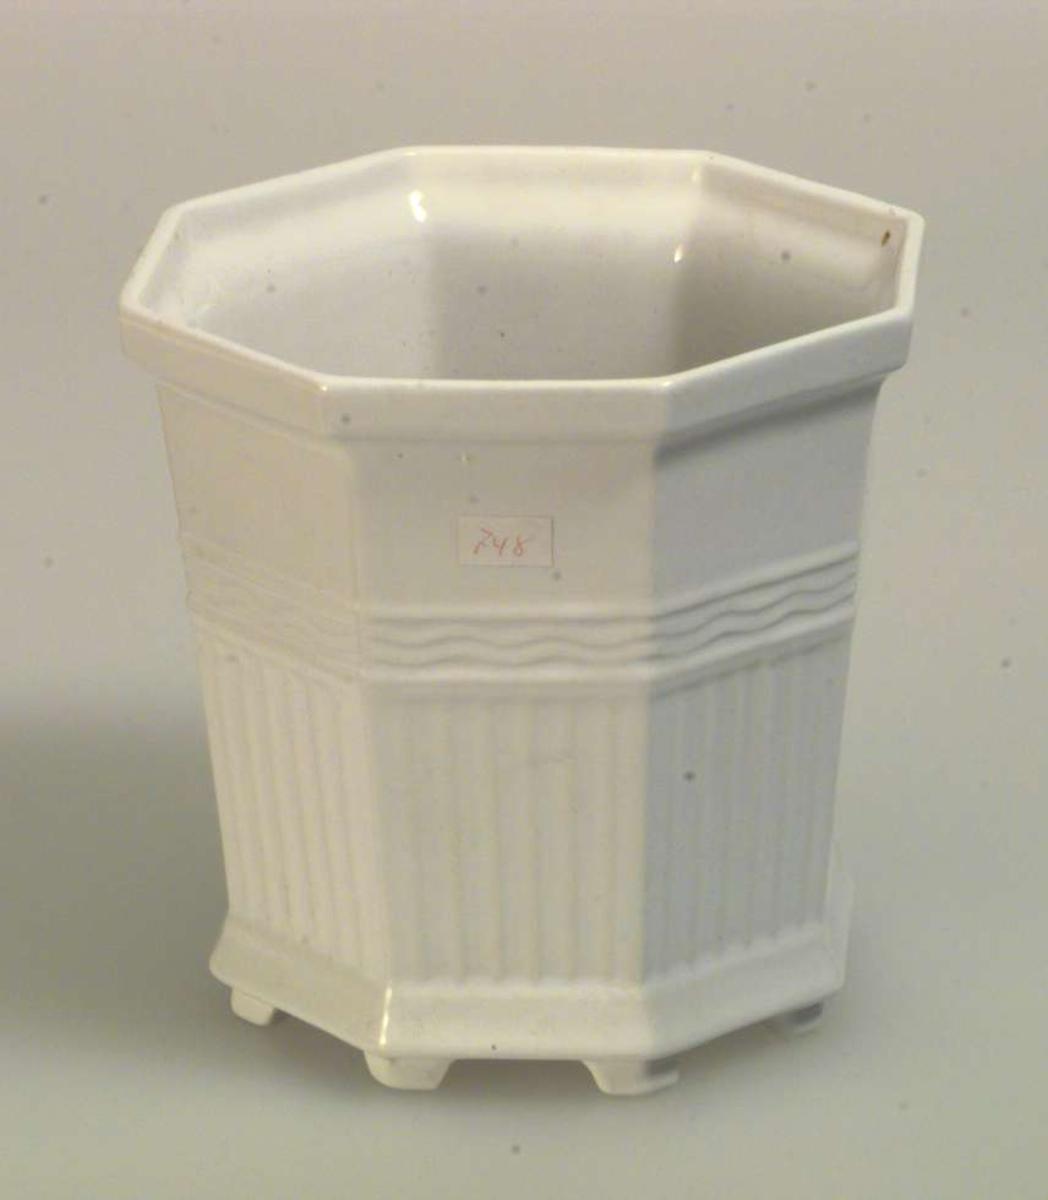 Blomsterpotteskjuler i keramikk. Den er åttekantet og står på åtte føtter. Den er hvit og har rillemønster.